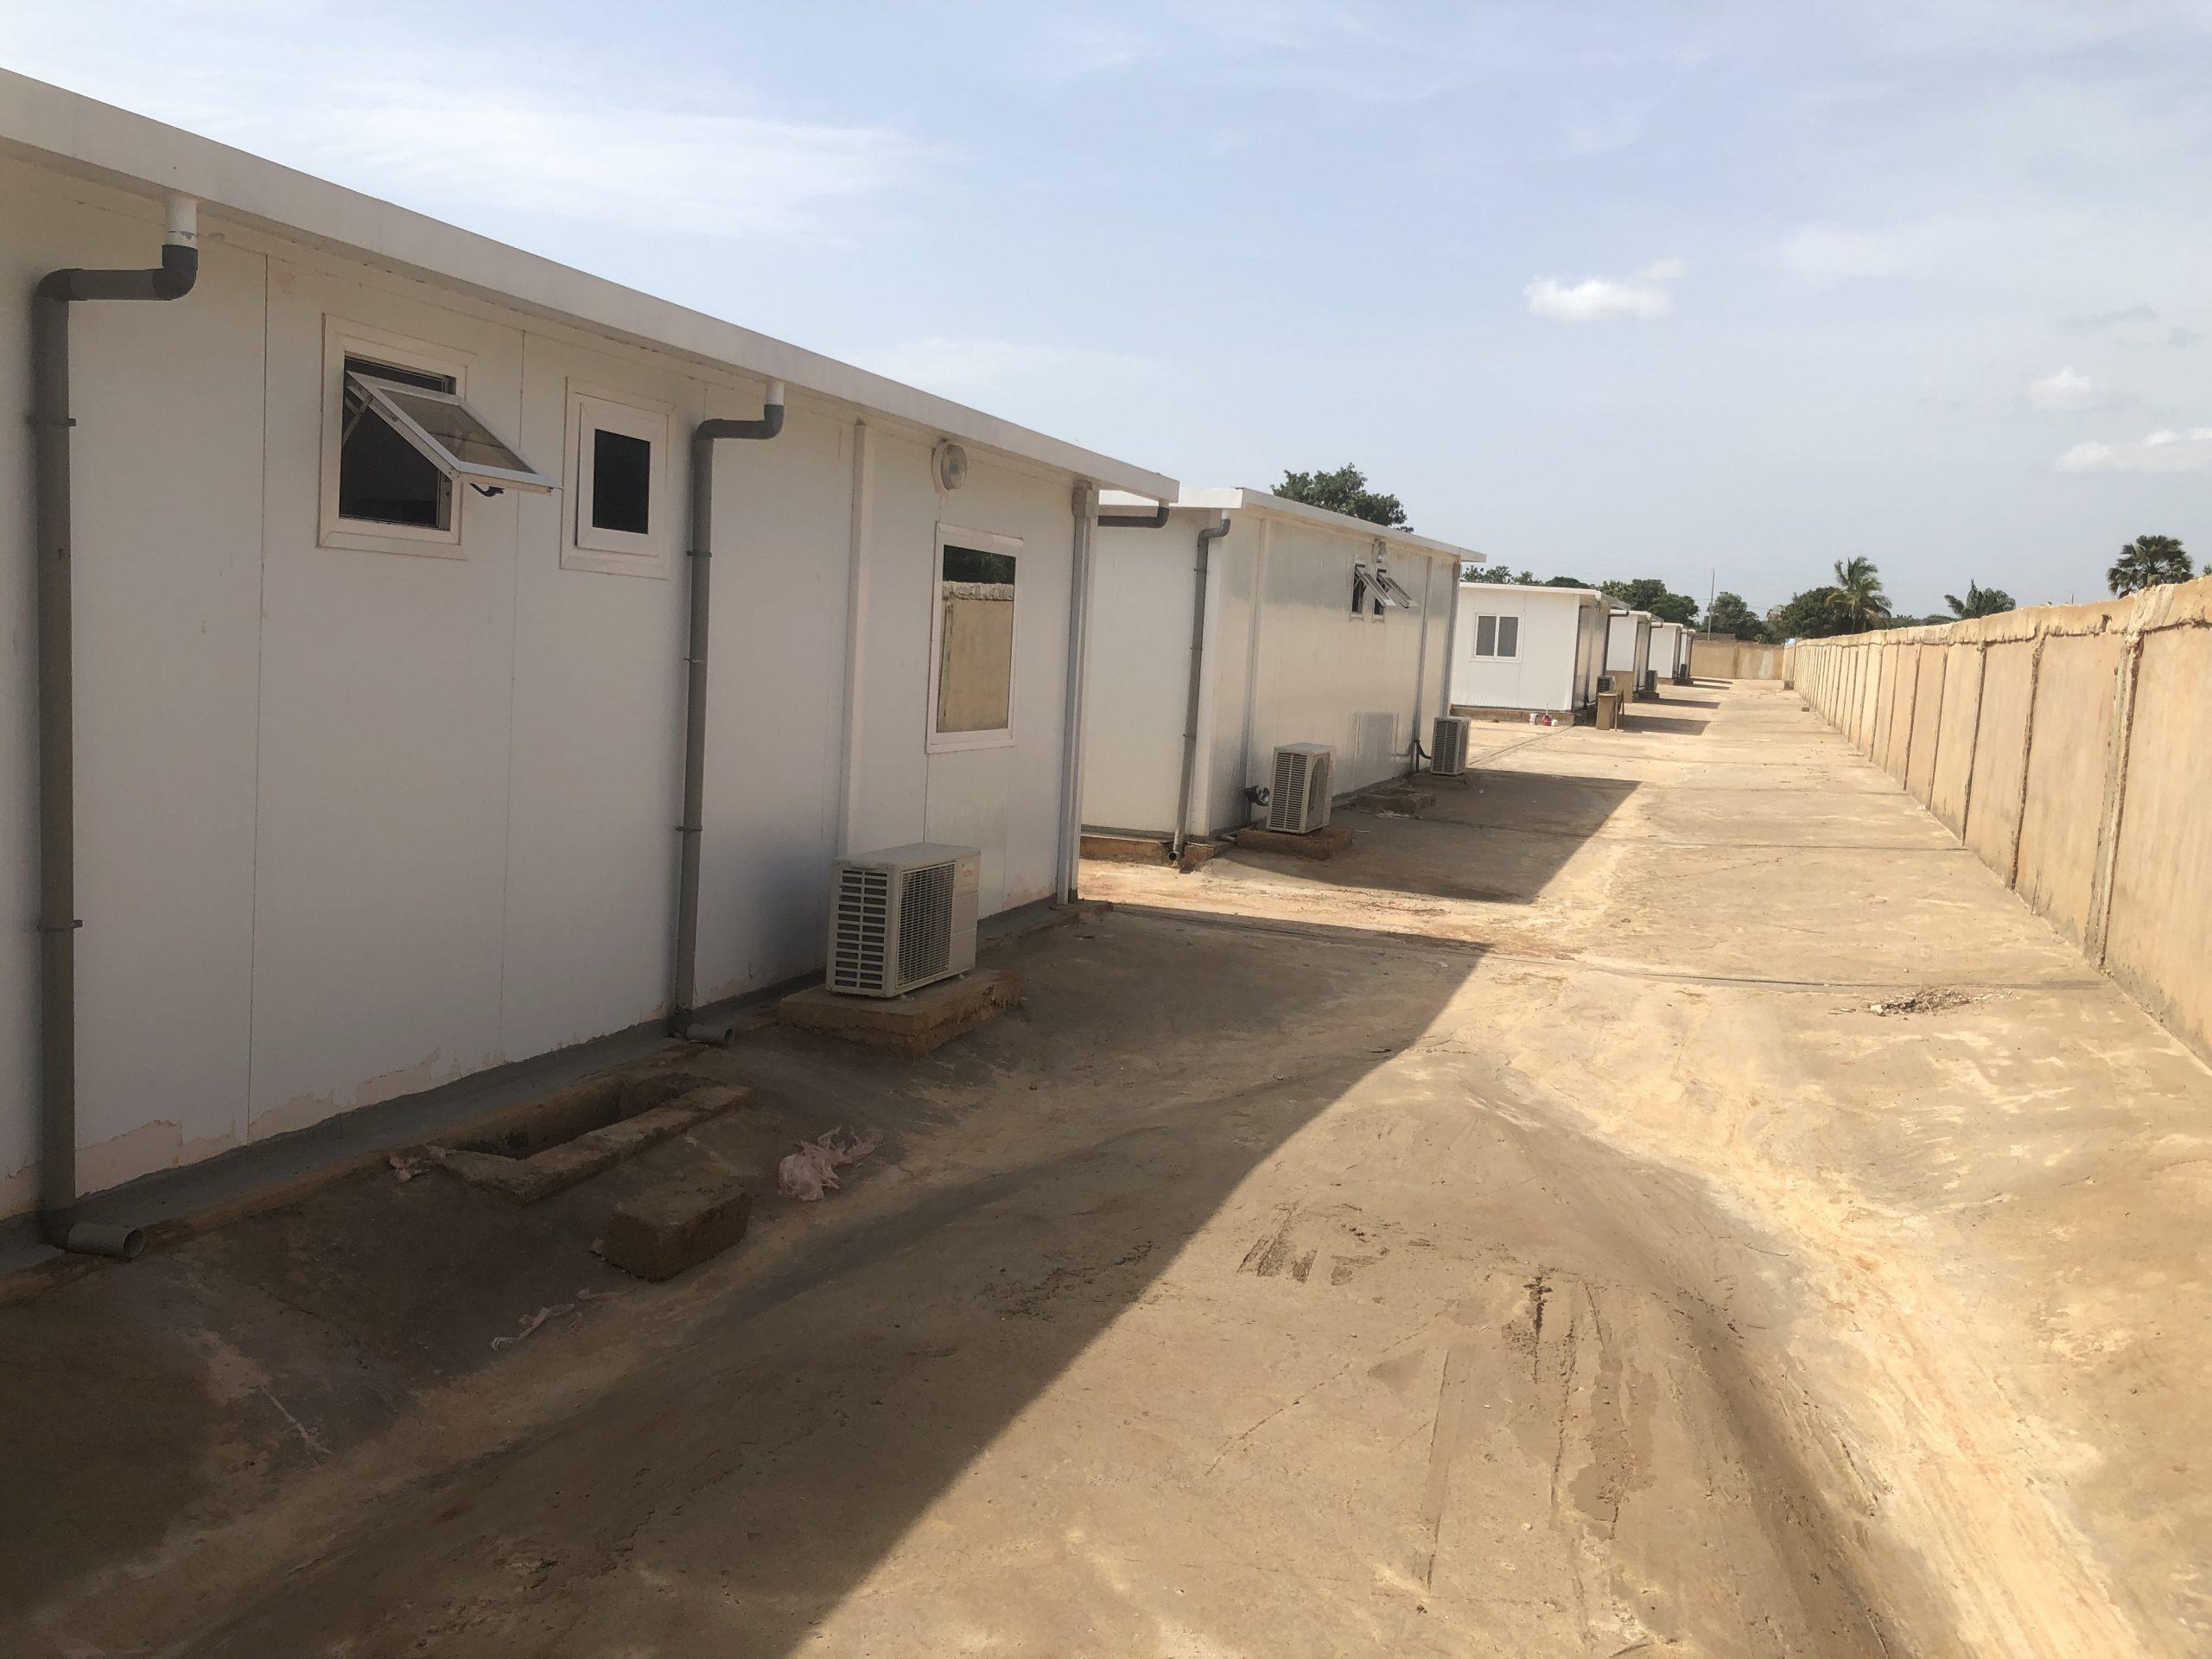 Travaux de plomberie à Natitingou, Bénin